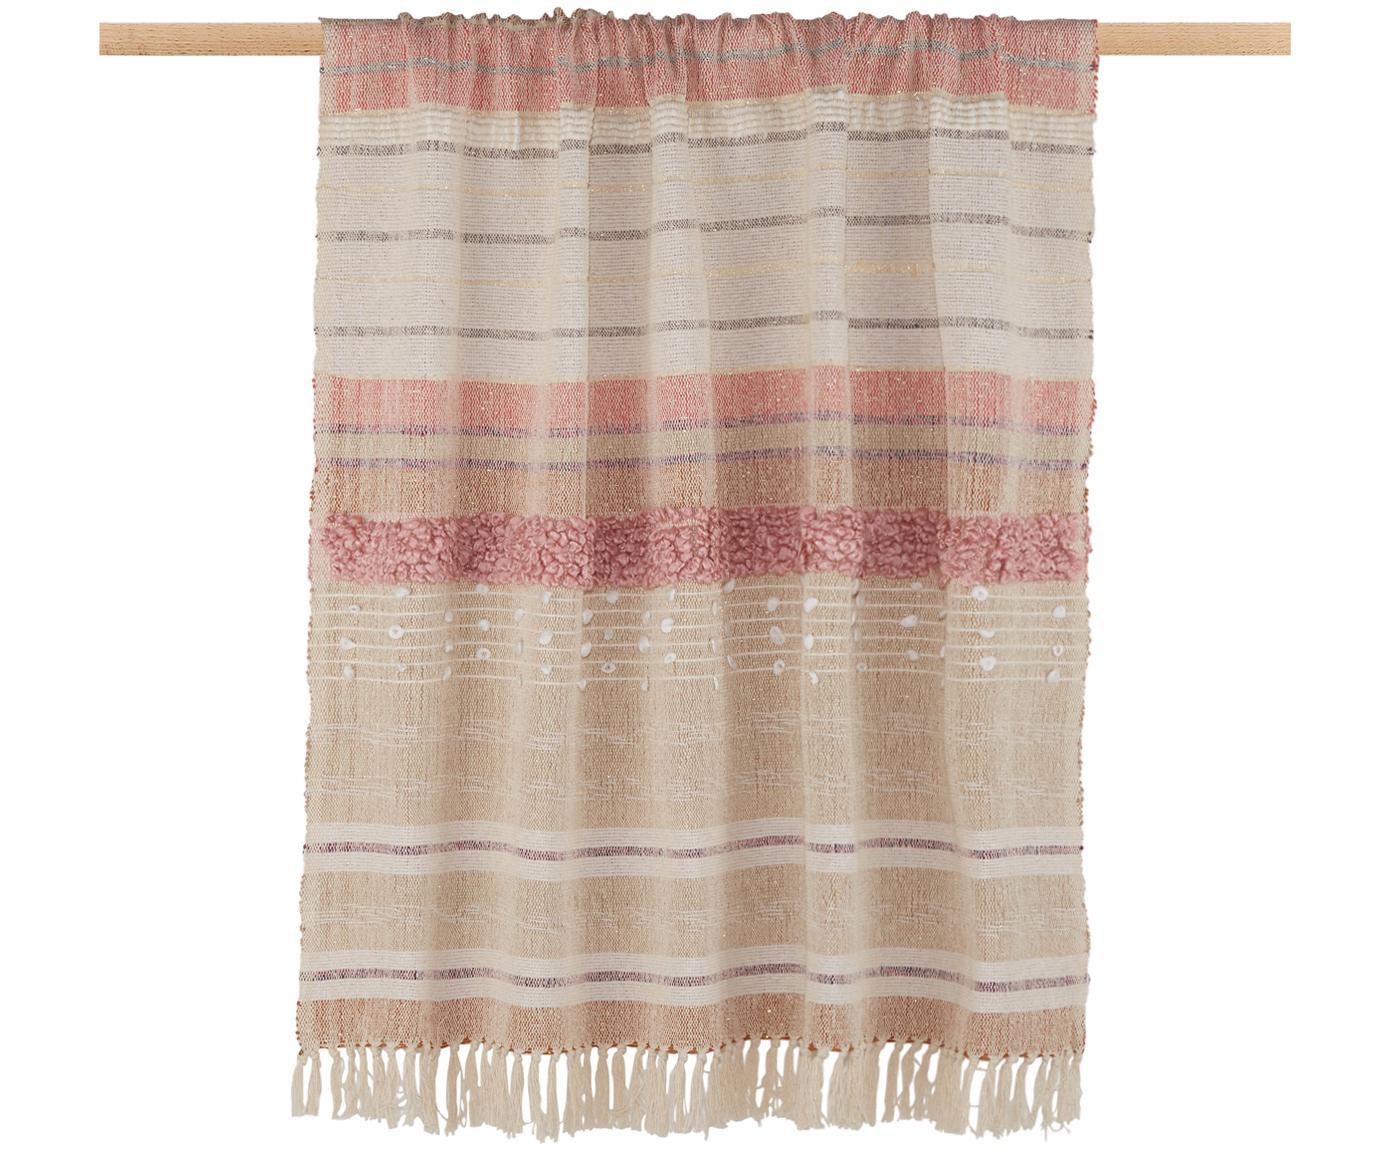 Plaid con fili di lurex Madison, 75% cotone, 25% acrilico, 5%fili di lurex, Beige, rosa, bianco, Larg. 130 x Lung. 170 cm